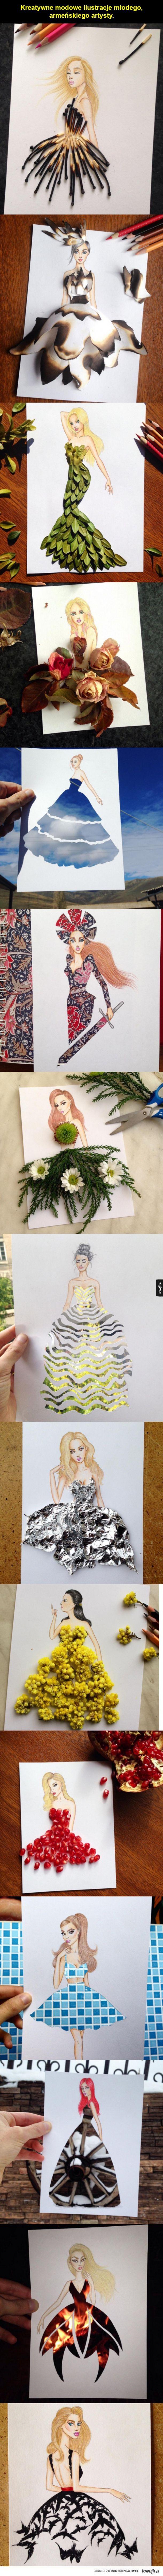 Kreatywne ilustracje modowe